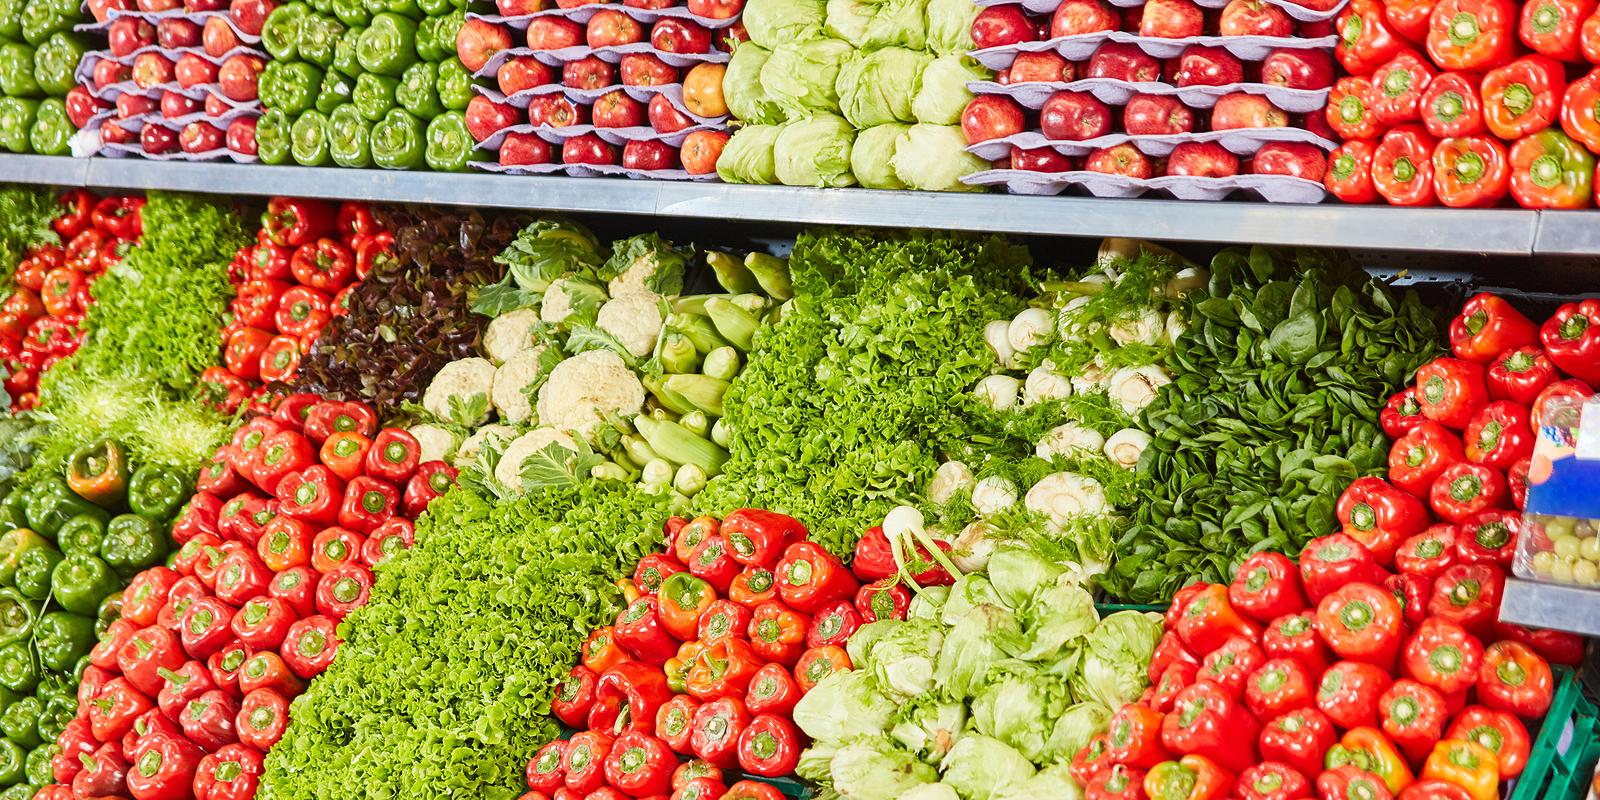 Polscy konsumenci niechętnie kupują gorzej wyglądające owoce i warzywa